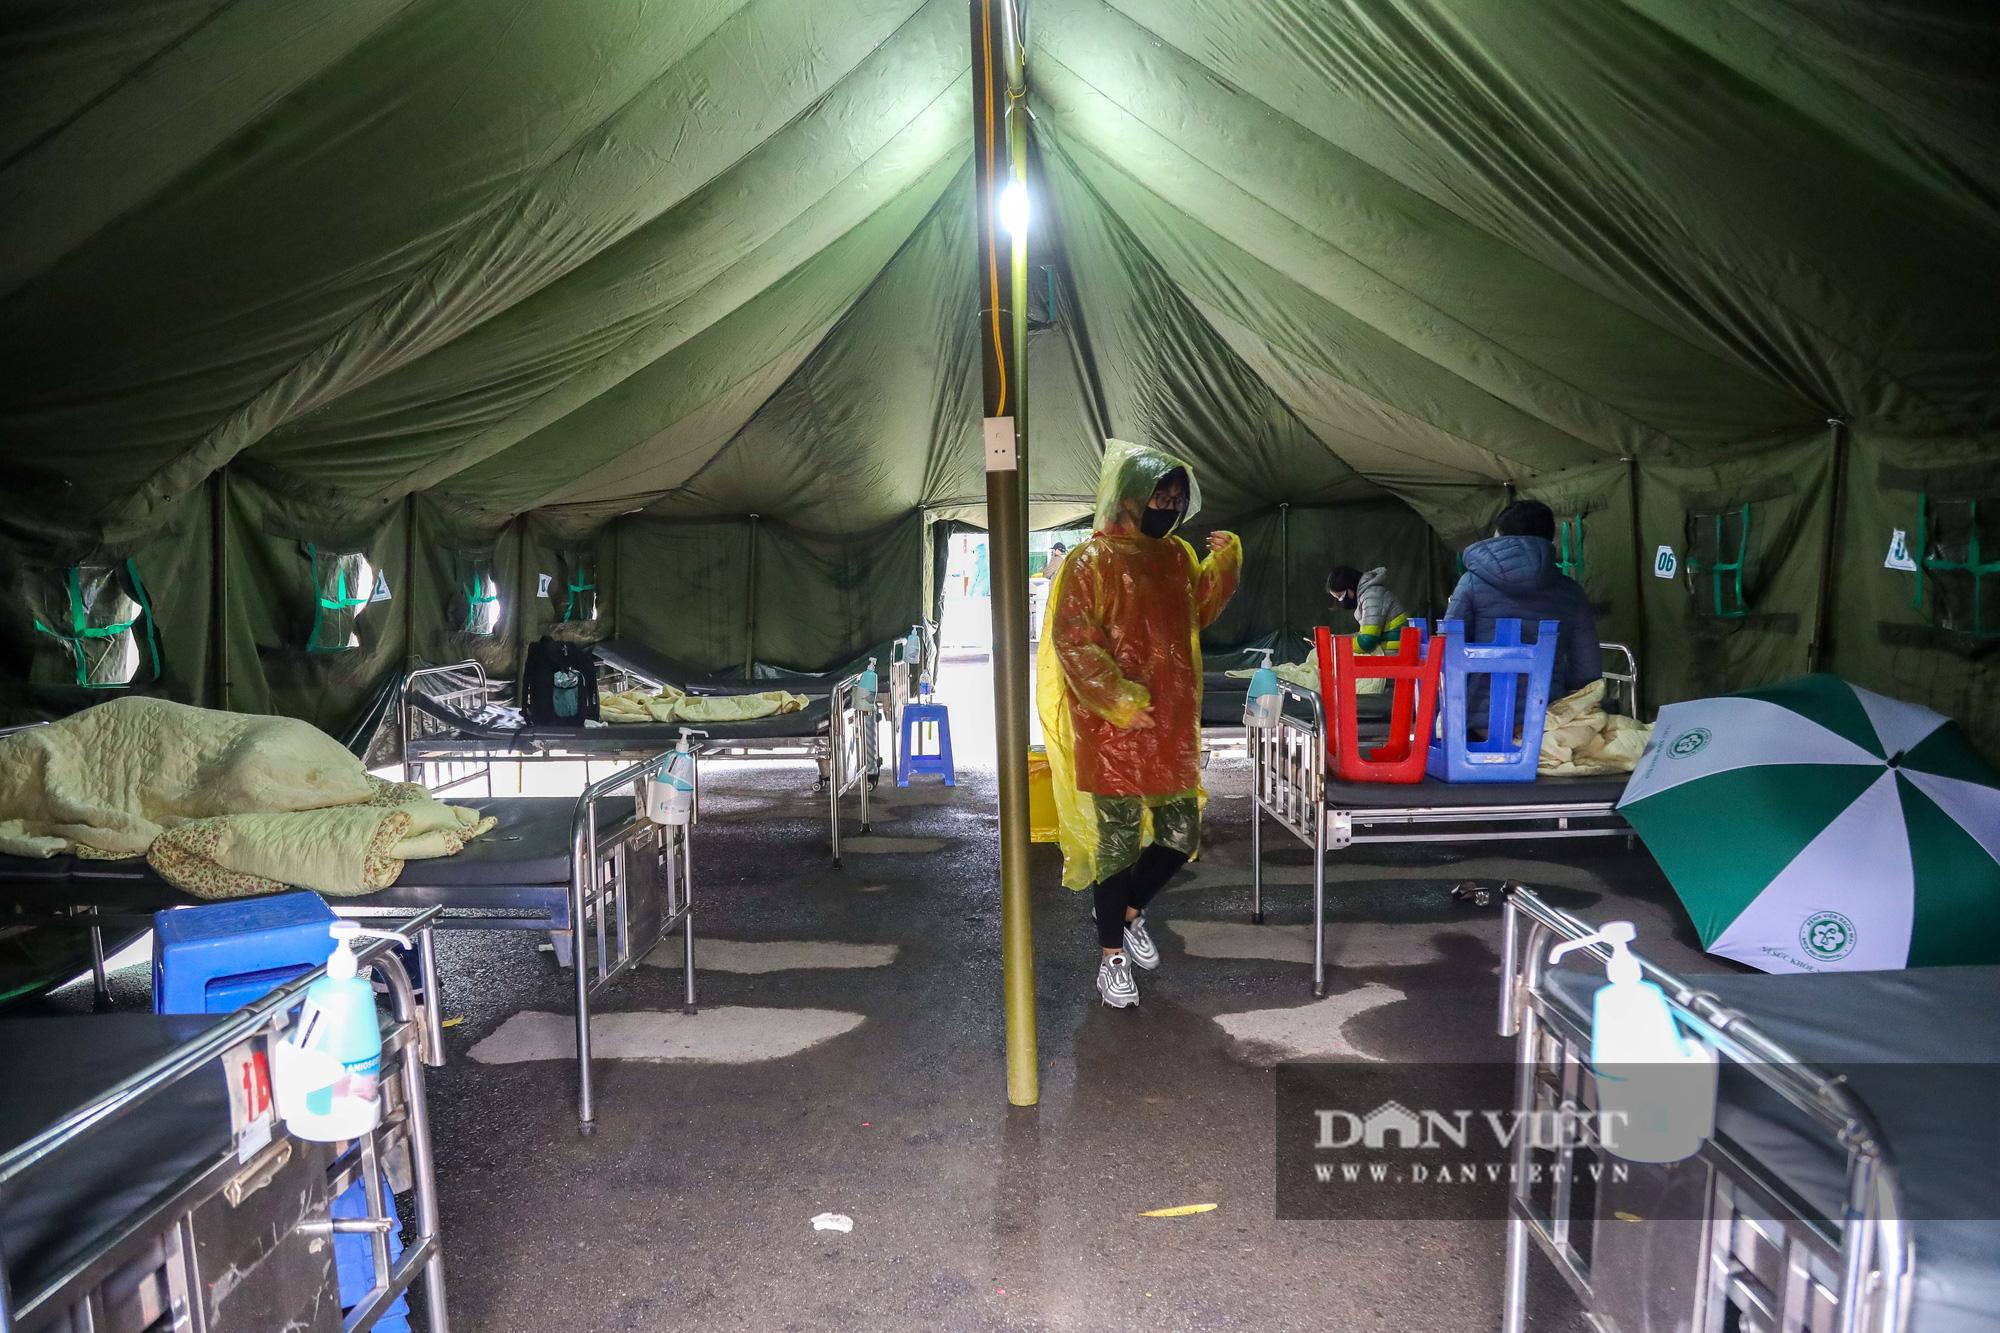 Cận cảnh bệnh viện dã chiến xây trong 4 tiếng ở Hà Nội  - Ảnh 6.